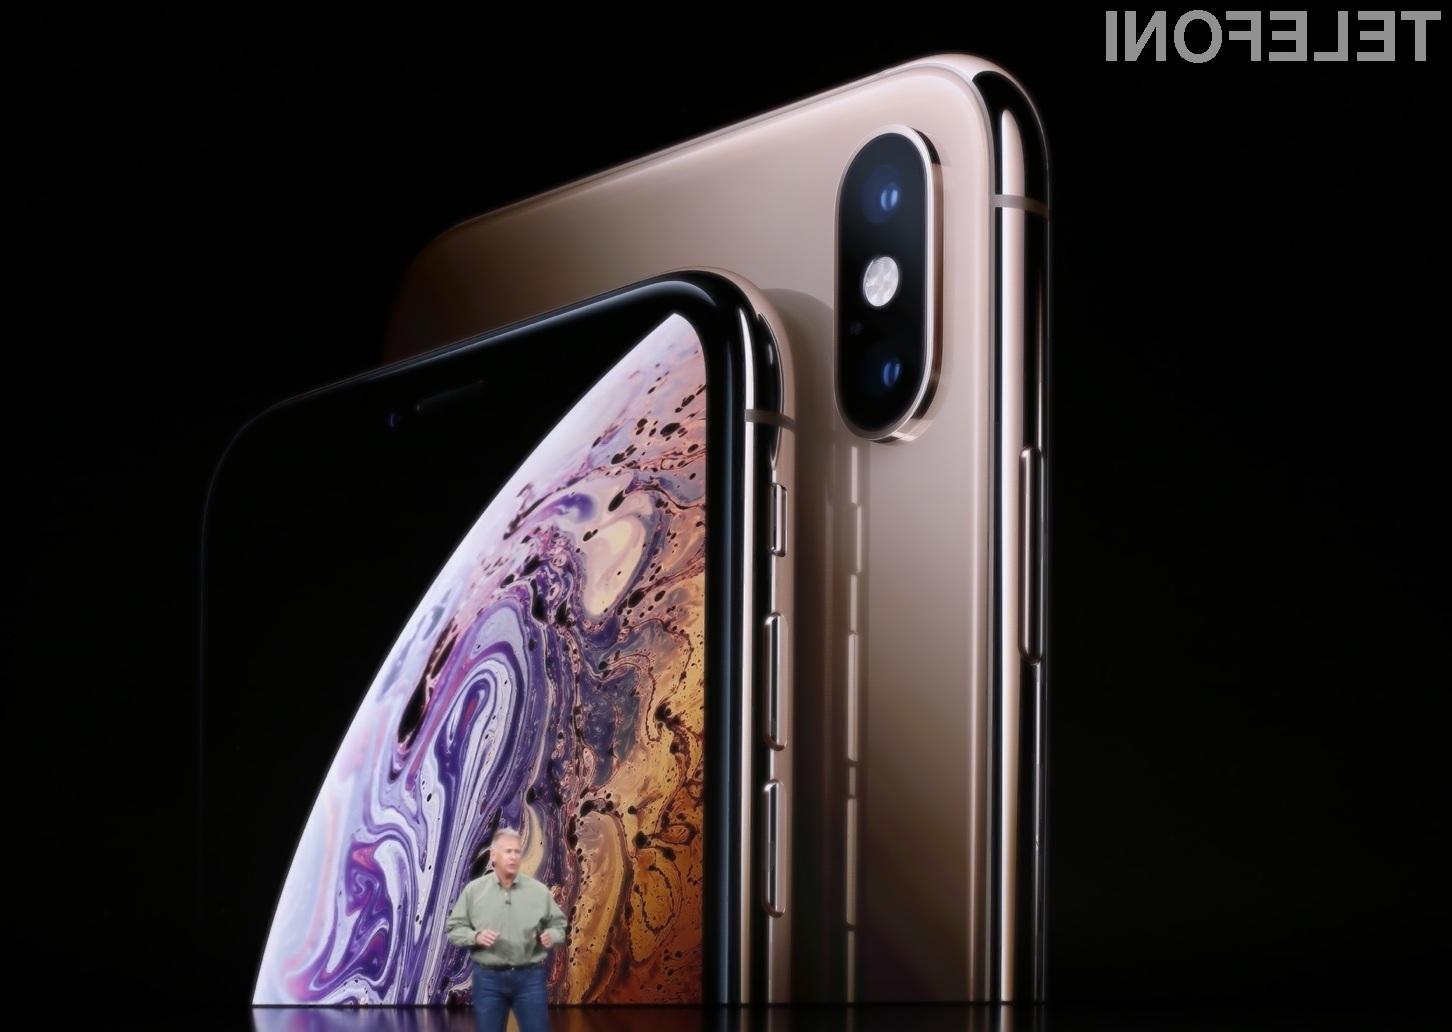 Pametna mobilna telefona Apple iPhone XS in iPhone XS Max ne prinašata revolucije, ampak le odlično evolucijo zdajšnjih modelov.